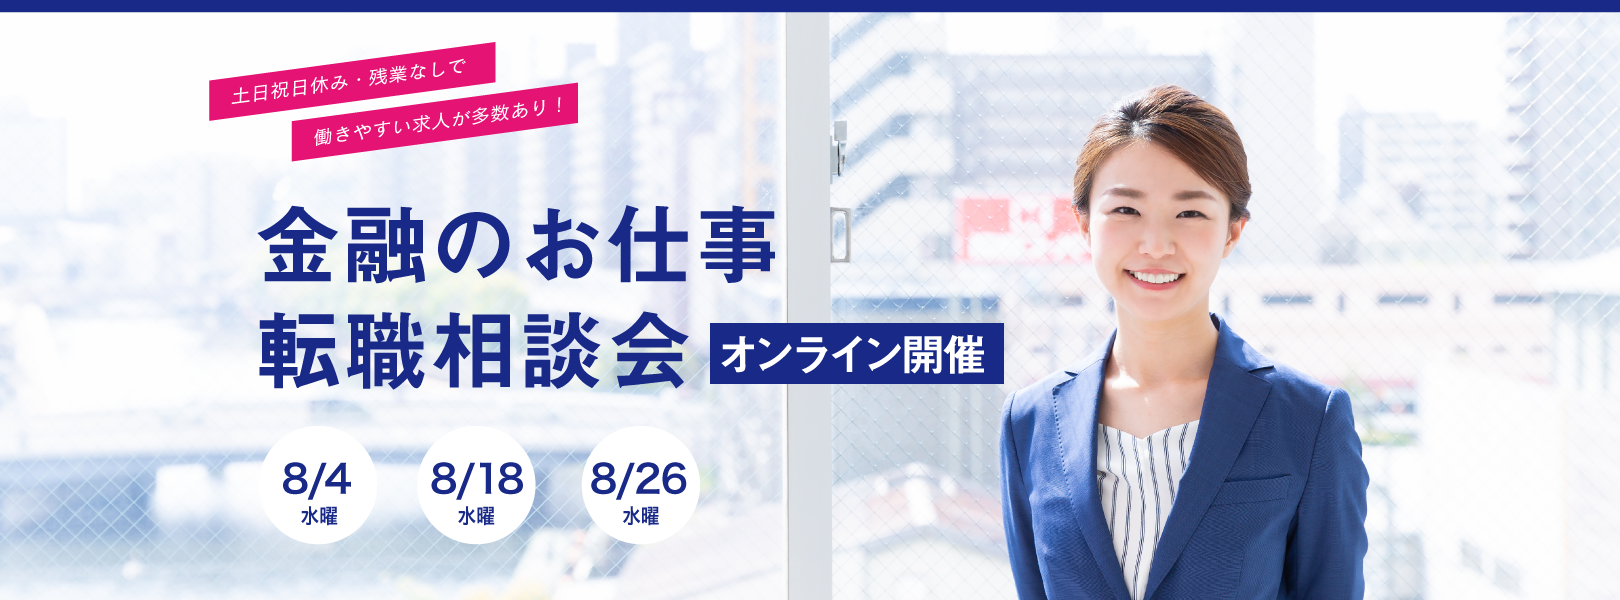 金融のお仕事【オンライン】転職相談会